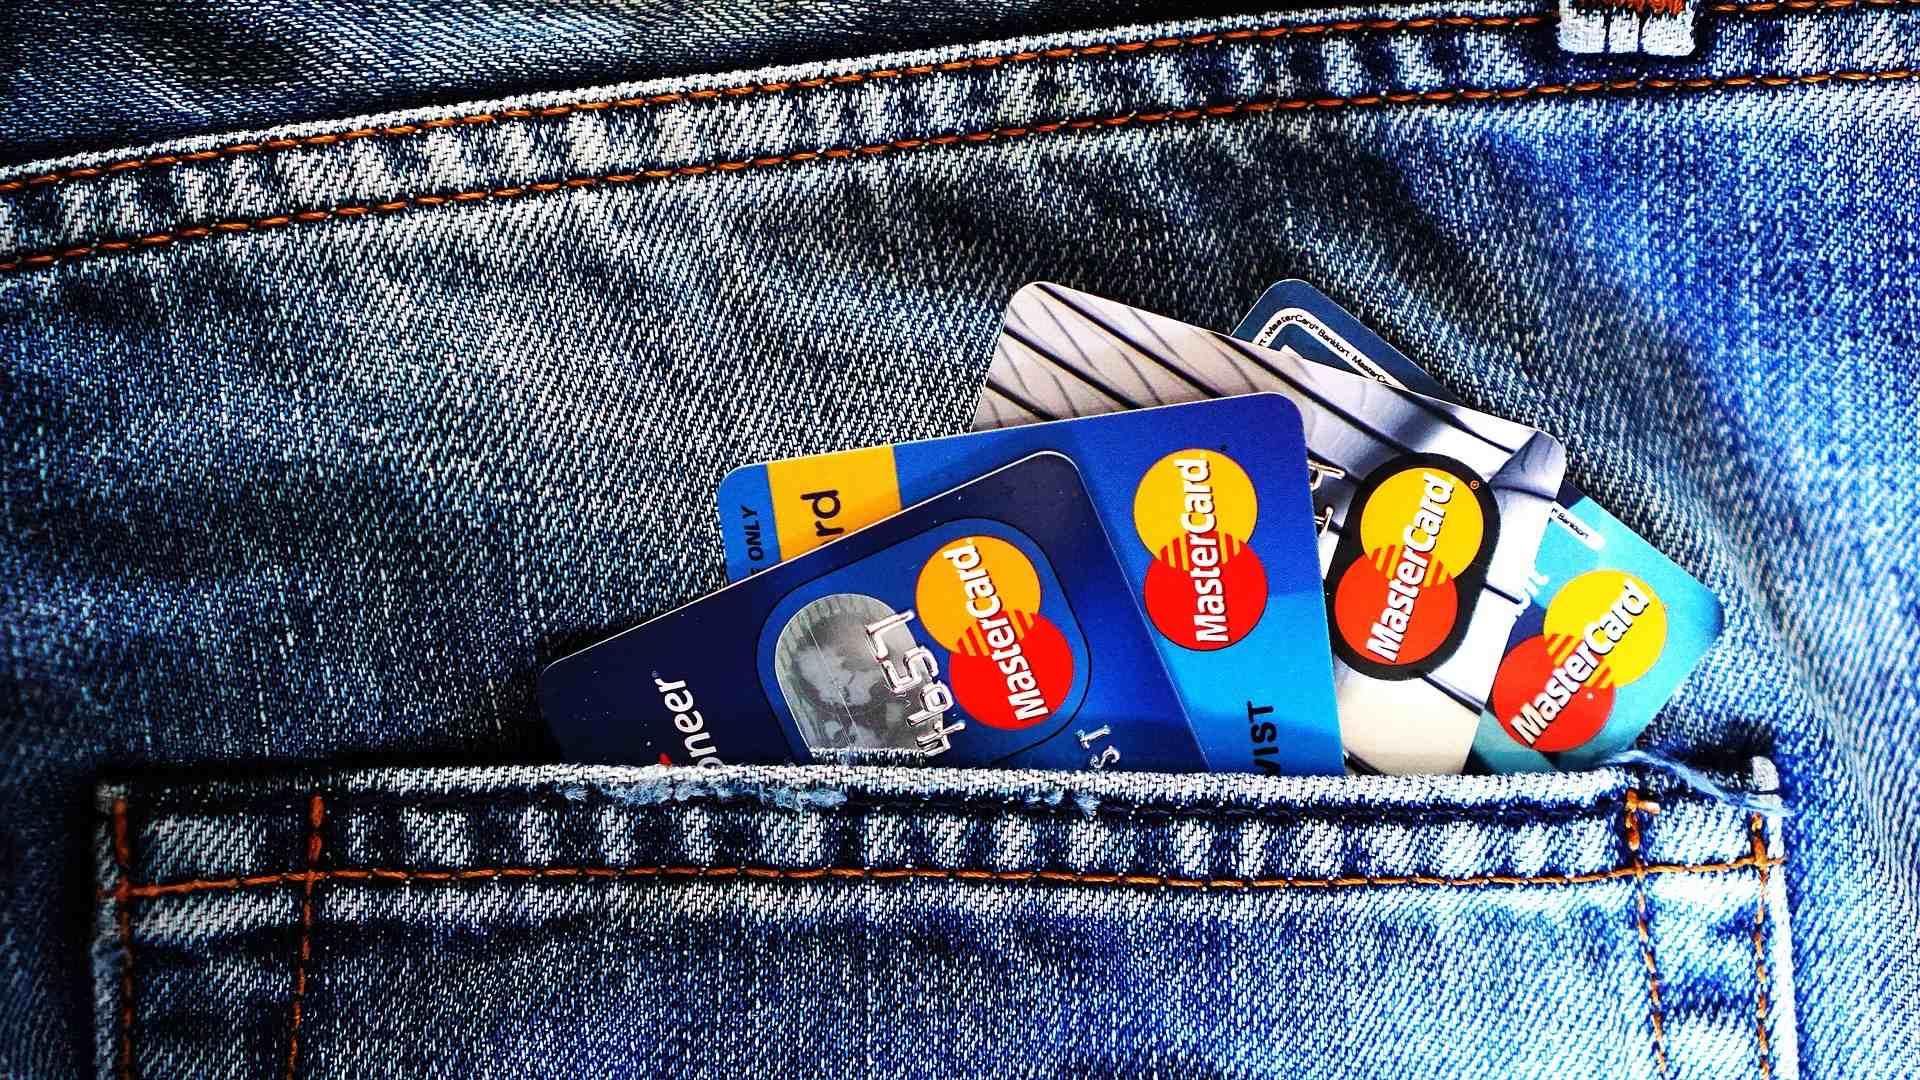 In der hinteren Tasche einer Jeans befinden sich vier Kreditkarten von Mastercard